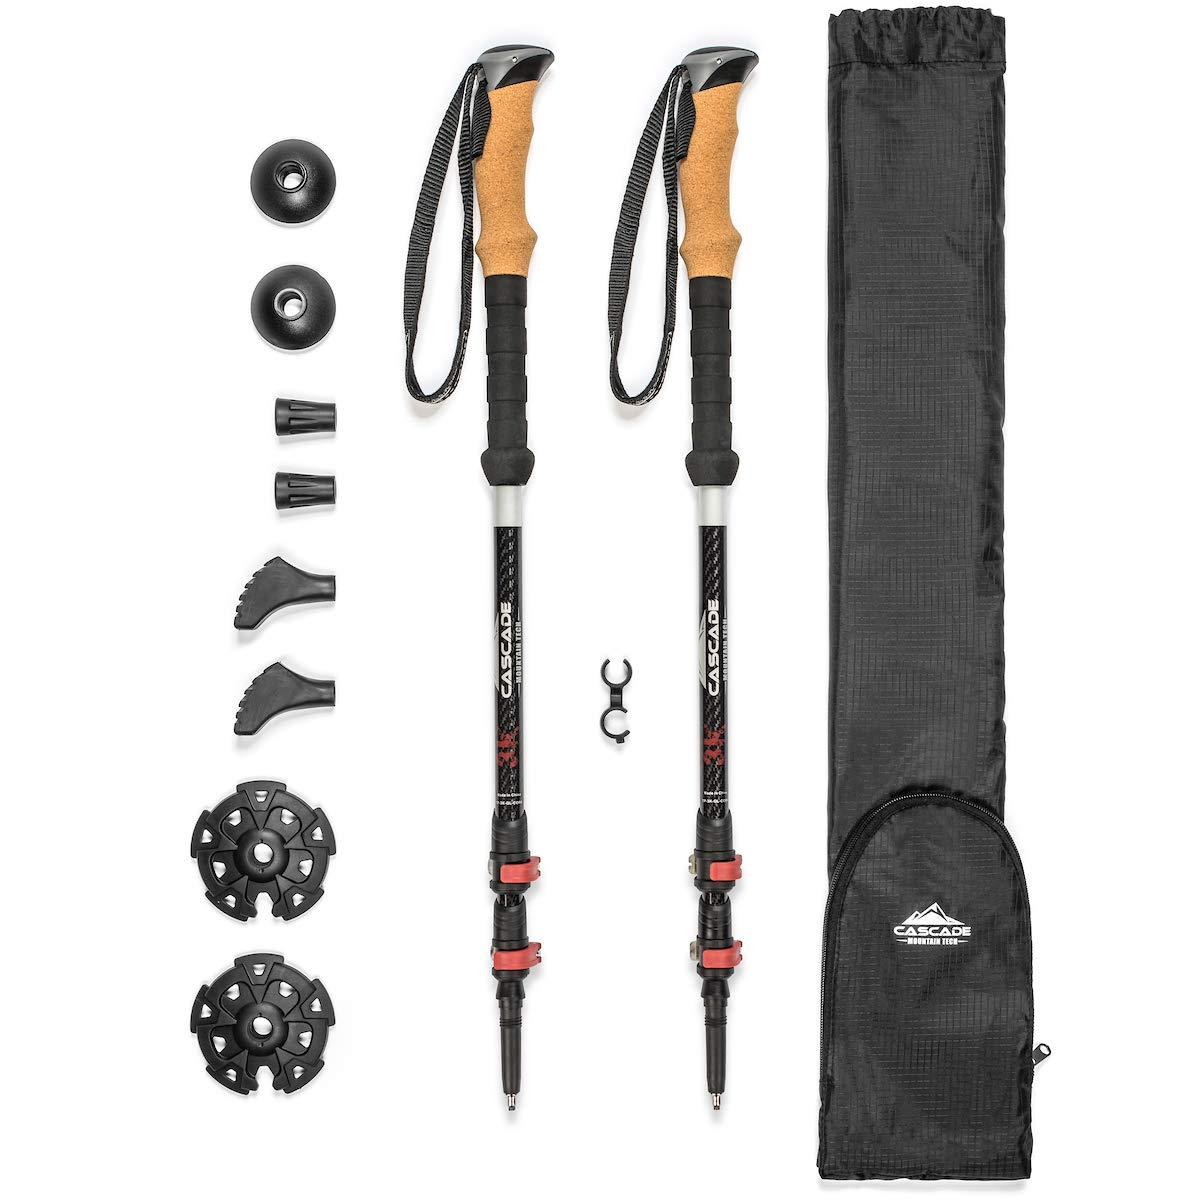 Cascade Mountain Tech Trekking Pole Carbon Fiber Black Cork Grip Walking Stick